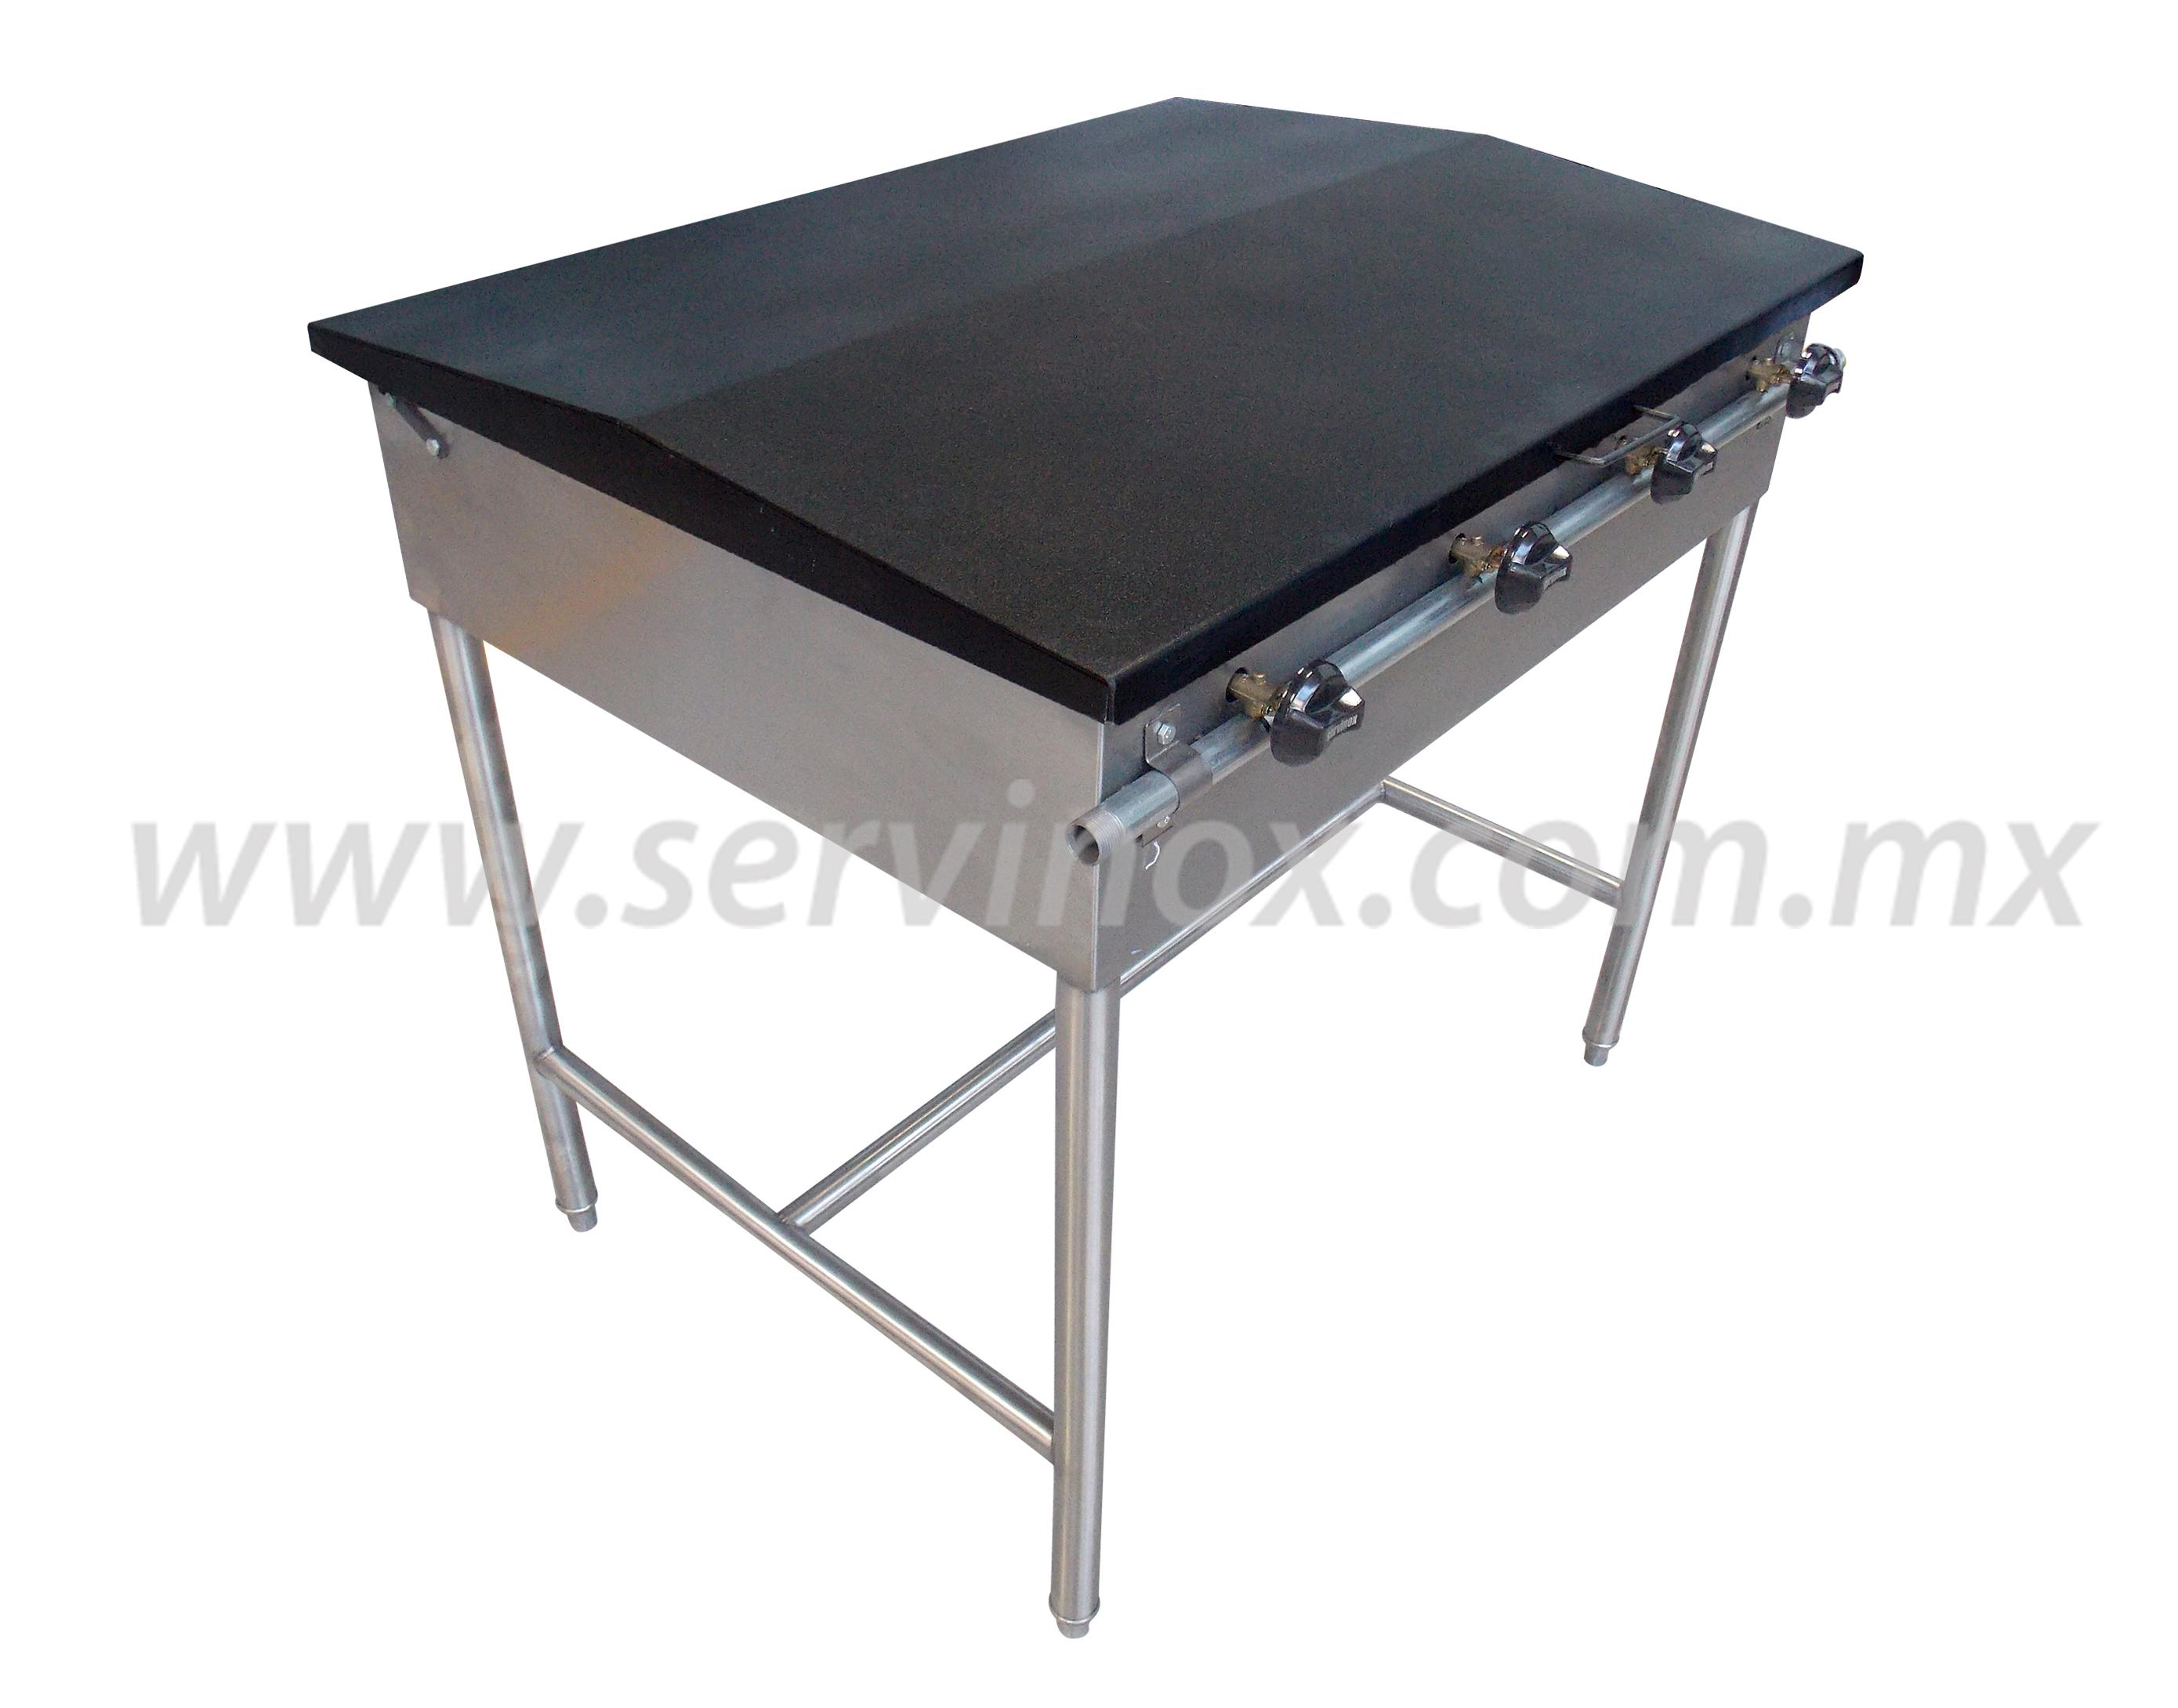 Comal para for Planchas de cocina industriales de segunda mano